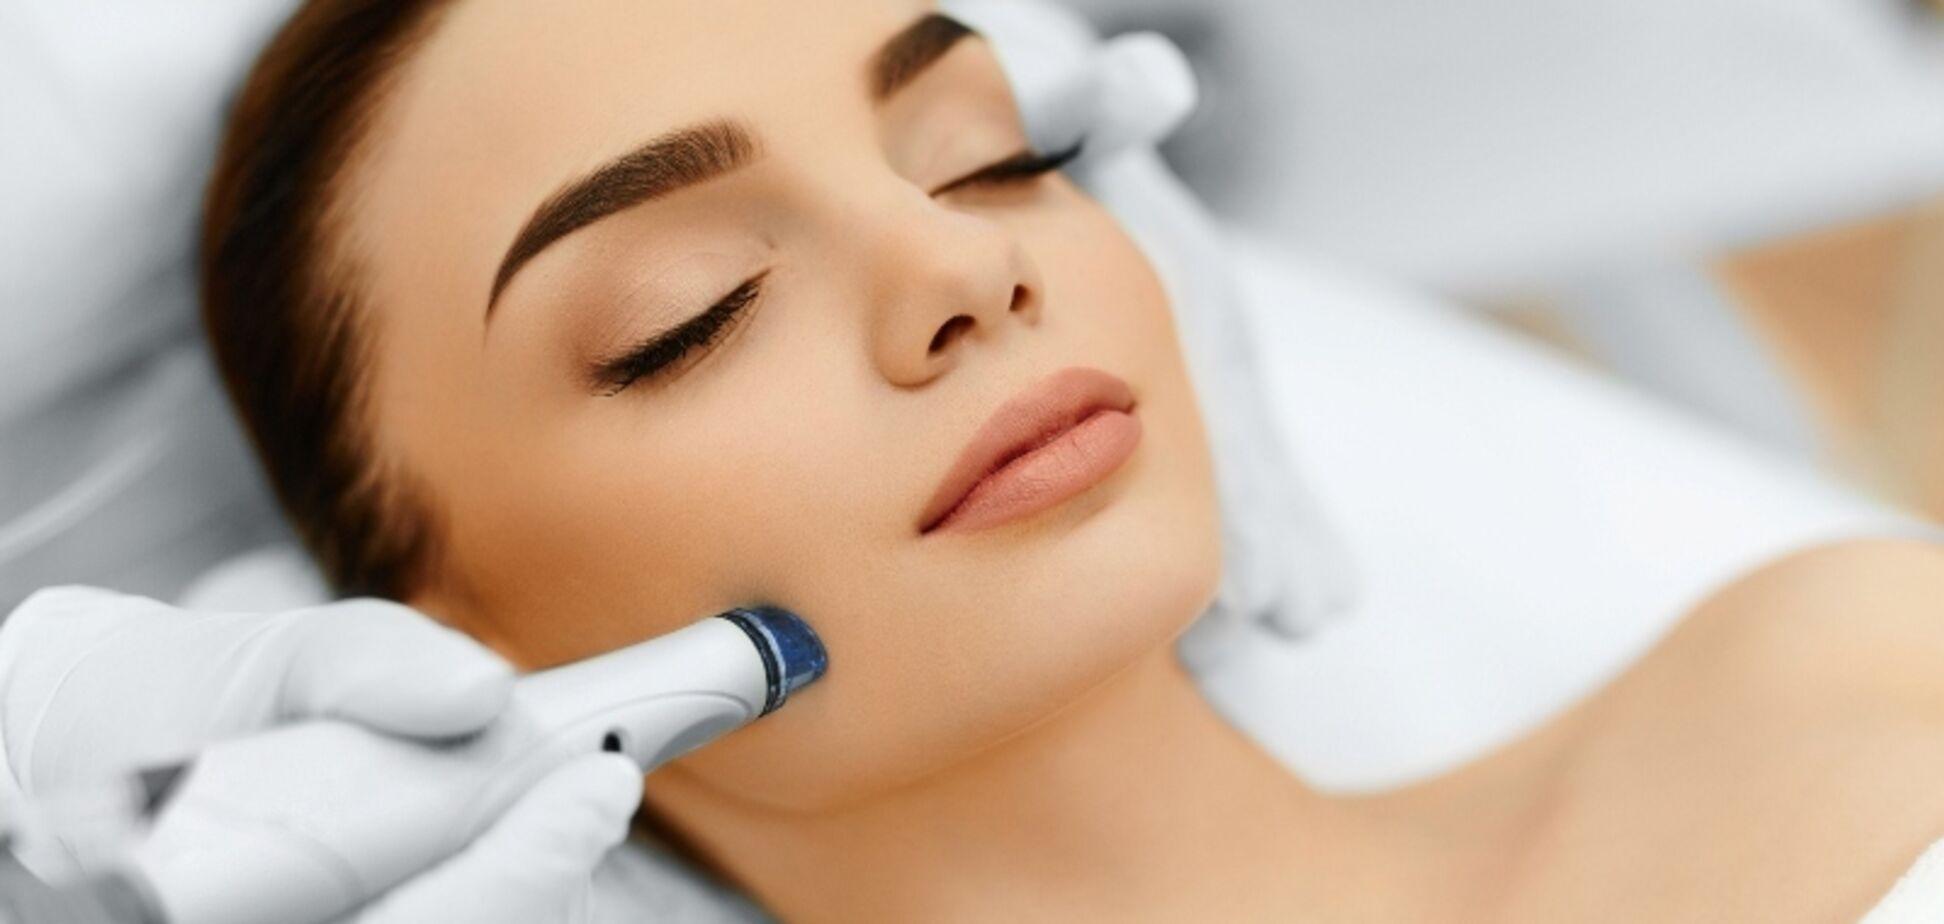 Как подобрать косметолога, чтобы избежать осложнений после процедур